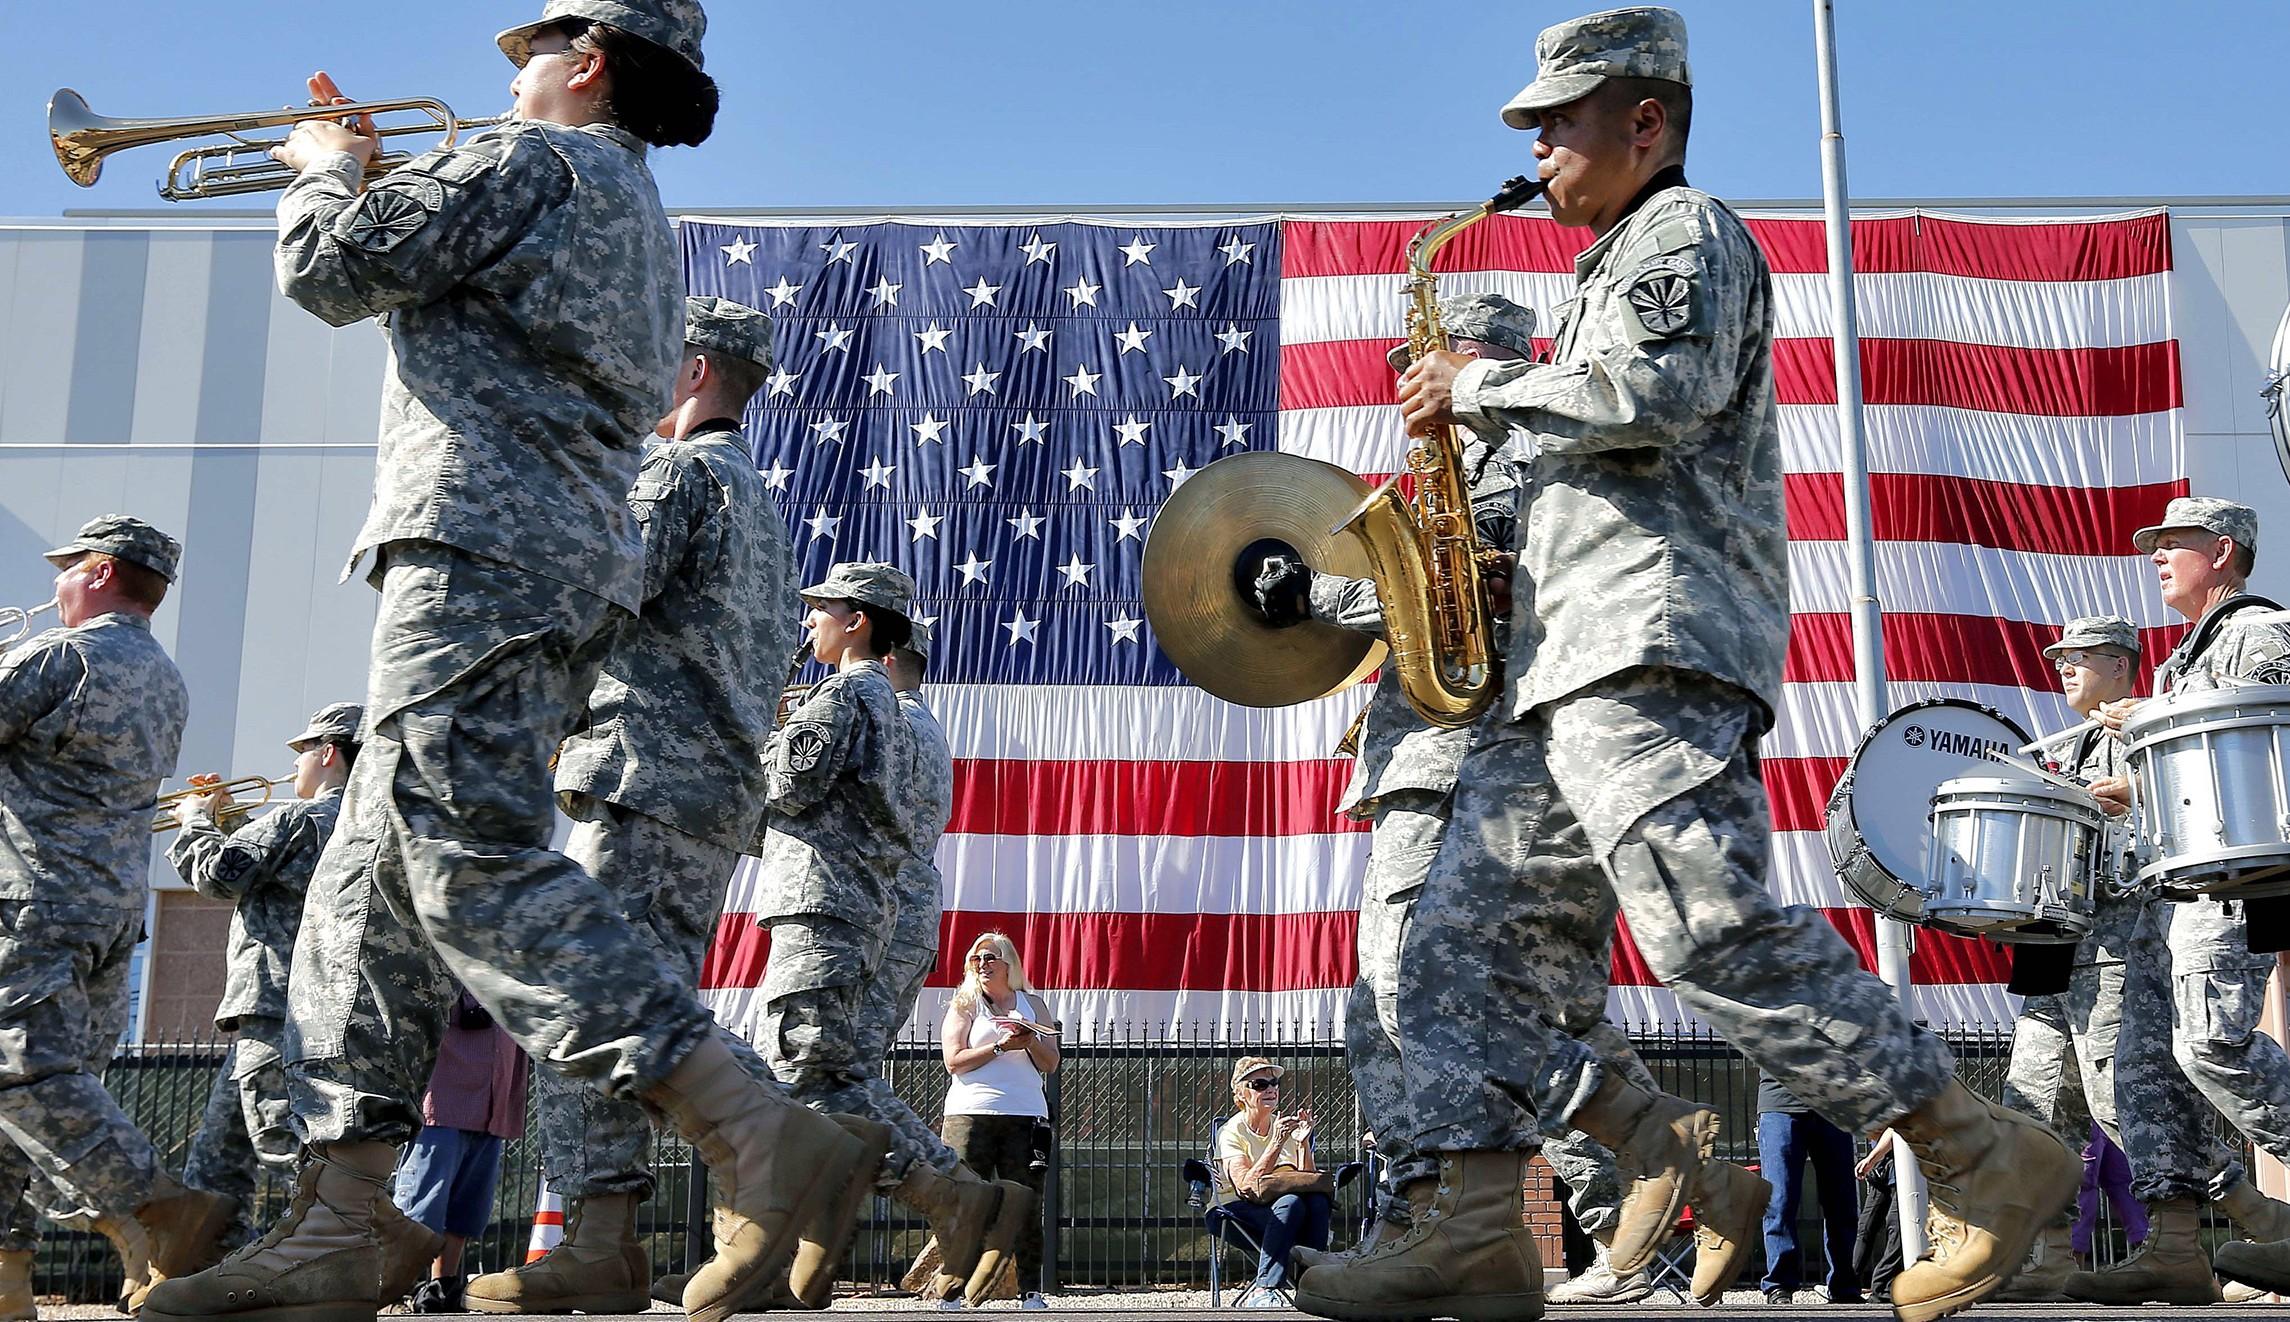 Российские СМИ высмеяли военный парад в Вашингтоне 4 июля